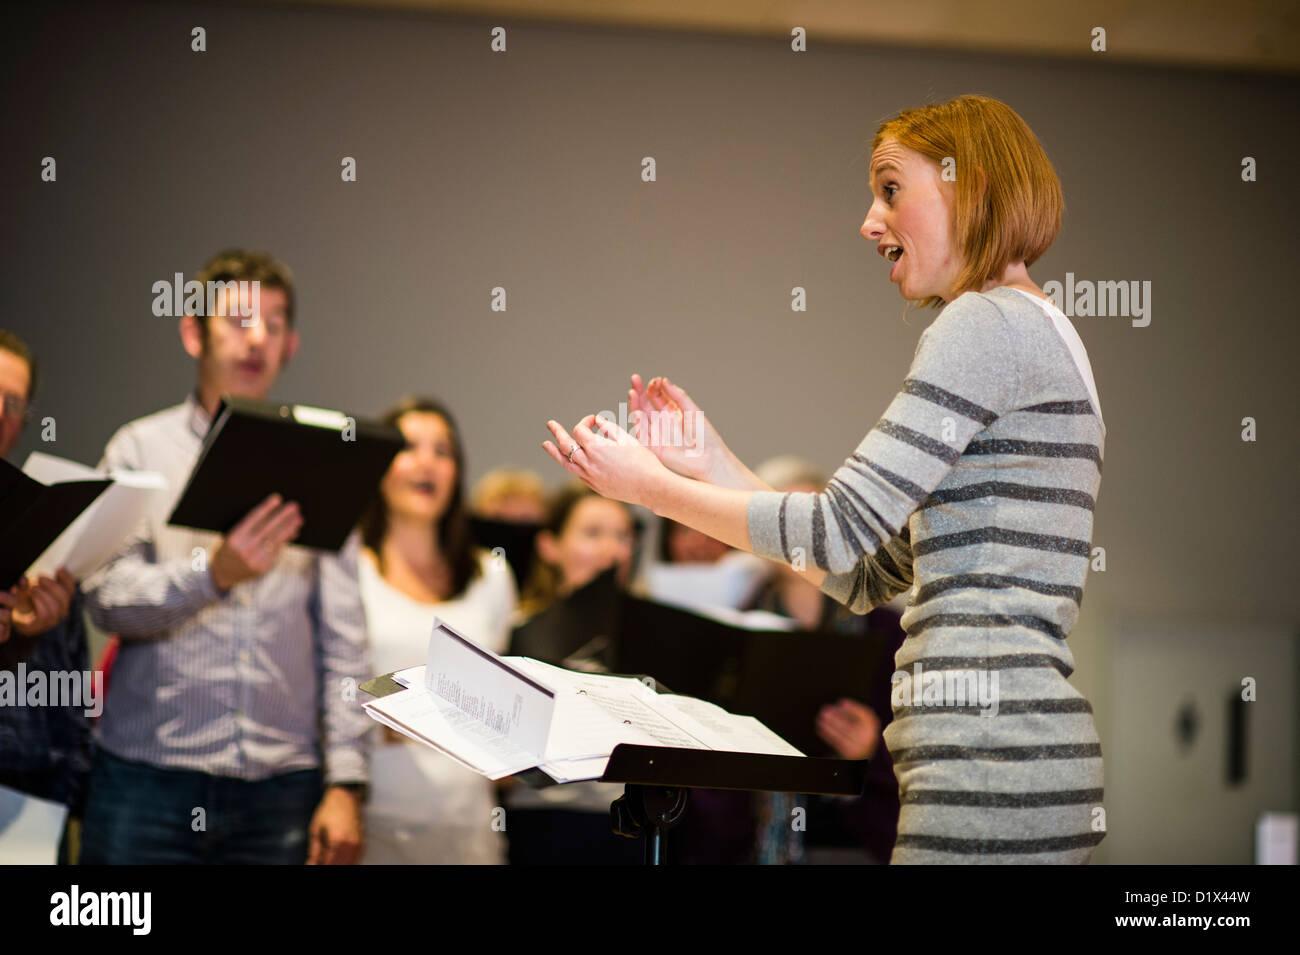 Conducting - amateur